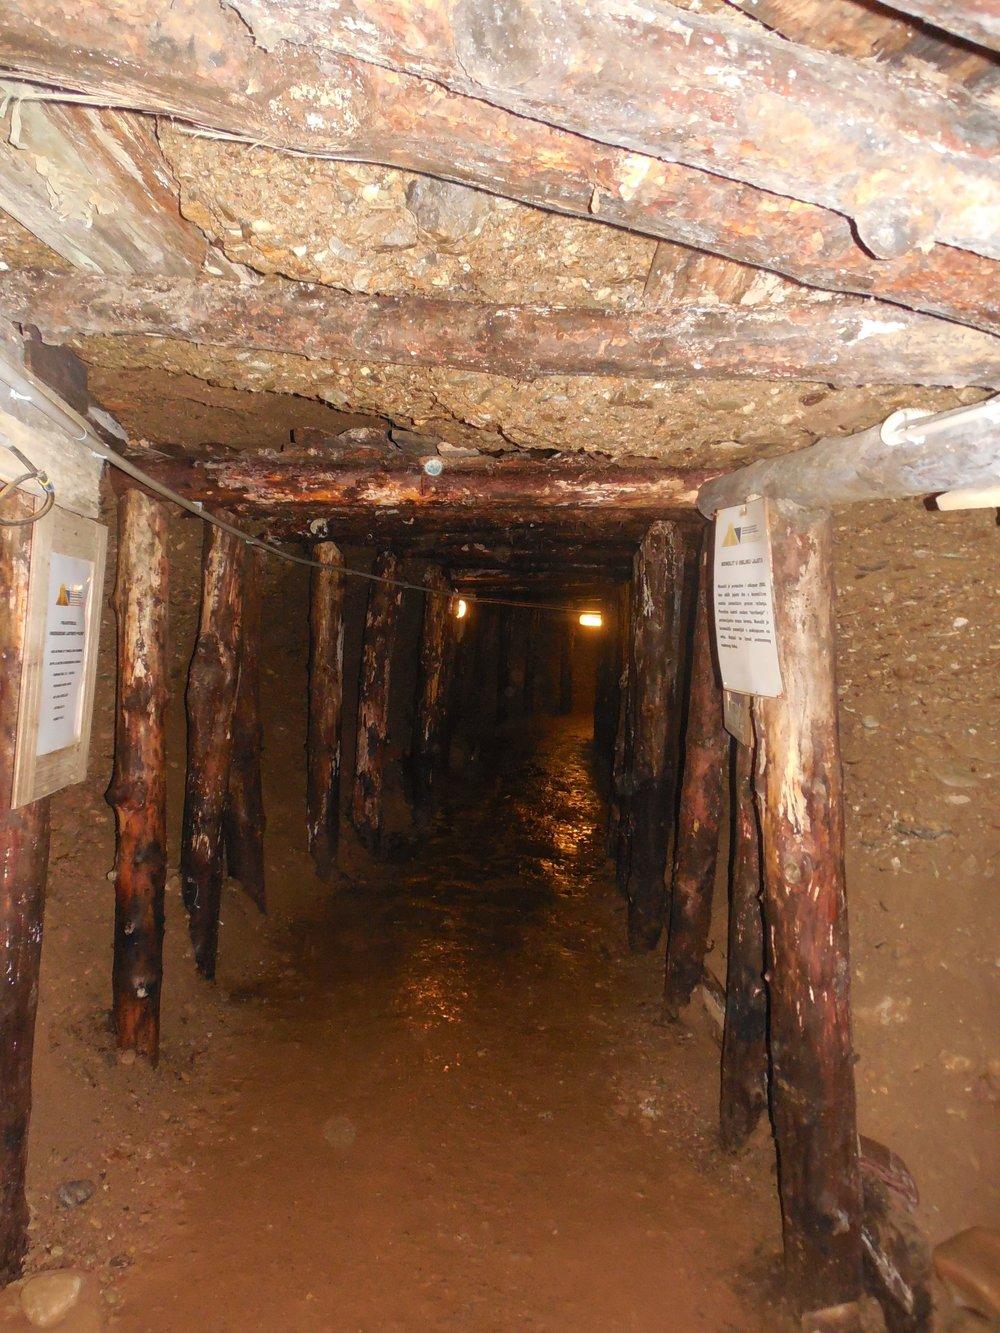 Bosnian_Pyramids_Tunnels.JPG